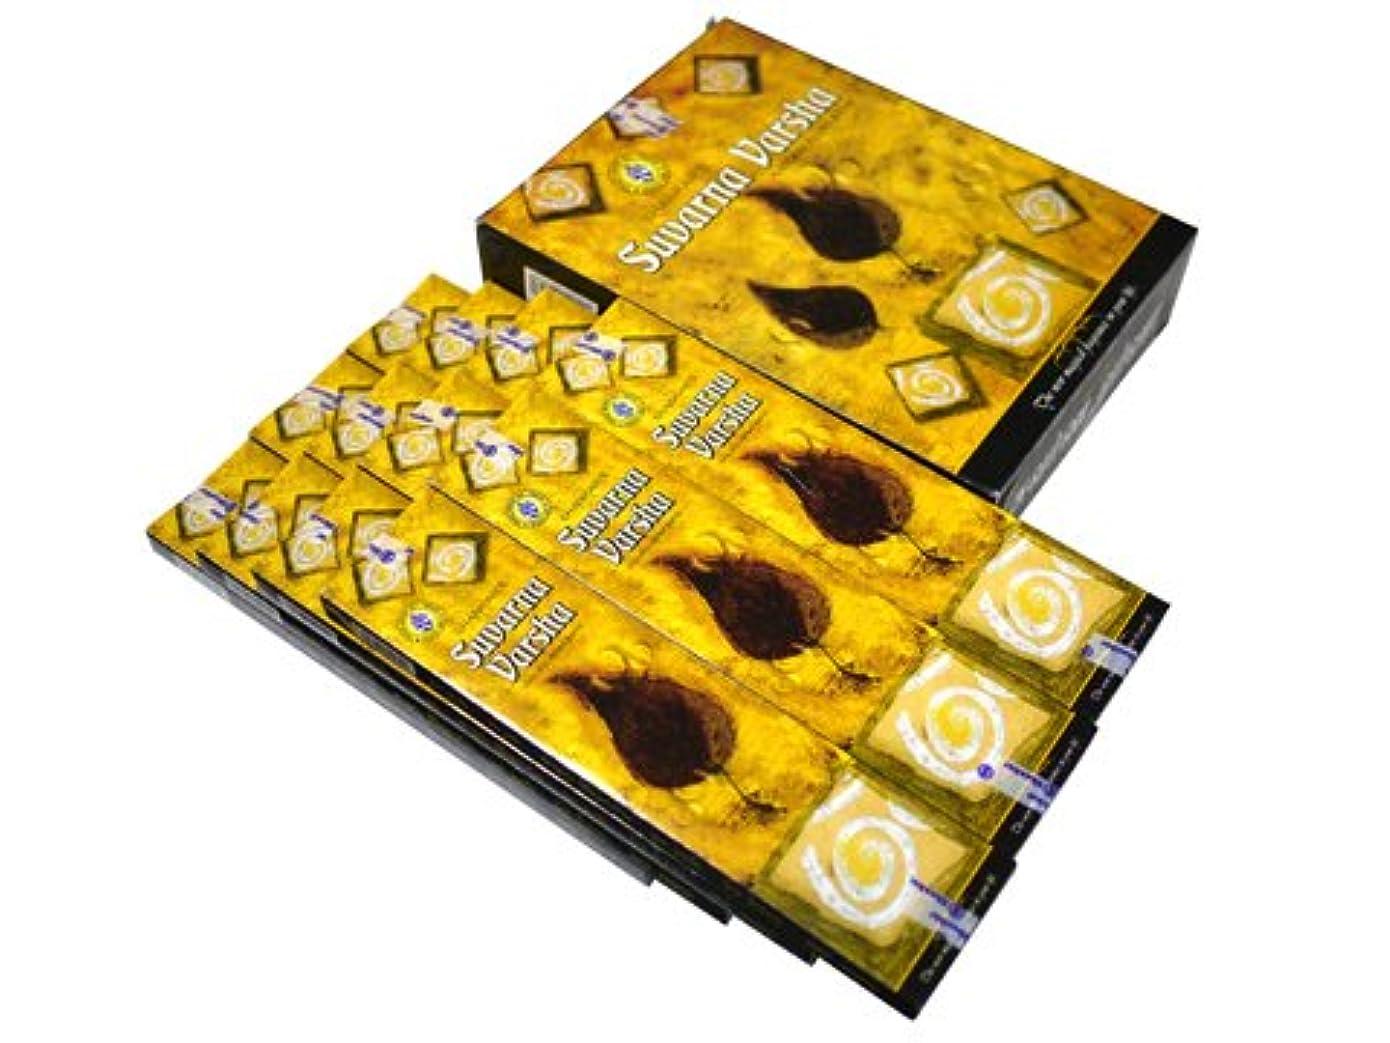 フォーム最大透過性SHANKAR'S(シャンカーズ) スワルナワルシャ香 スティック SUVARNA VARSHA 12箱セット